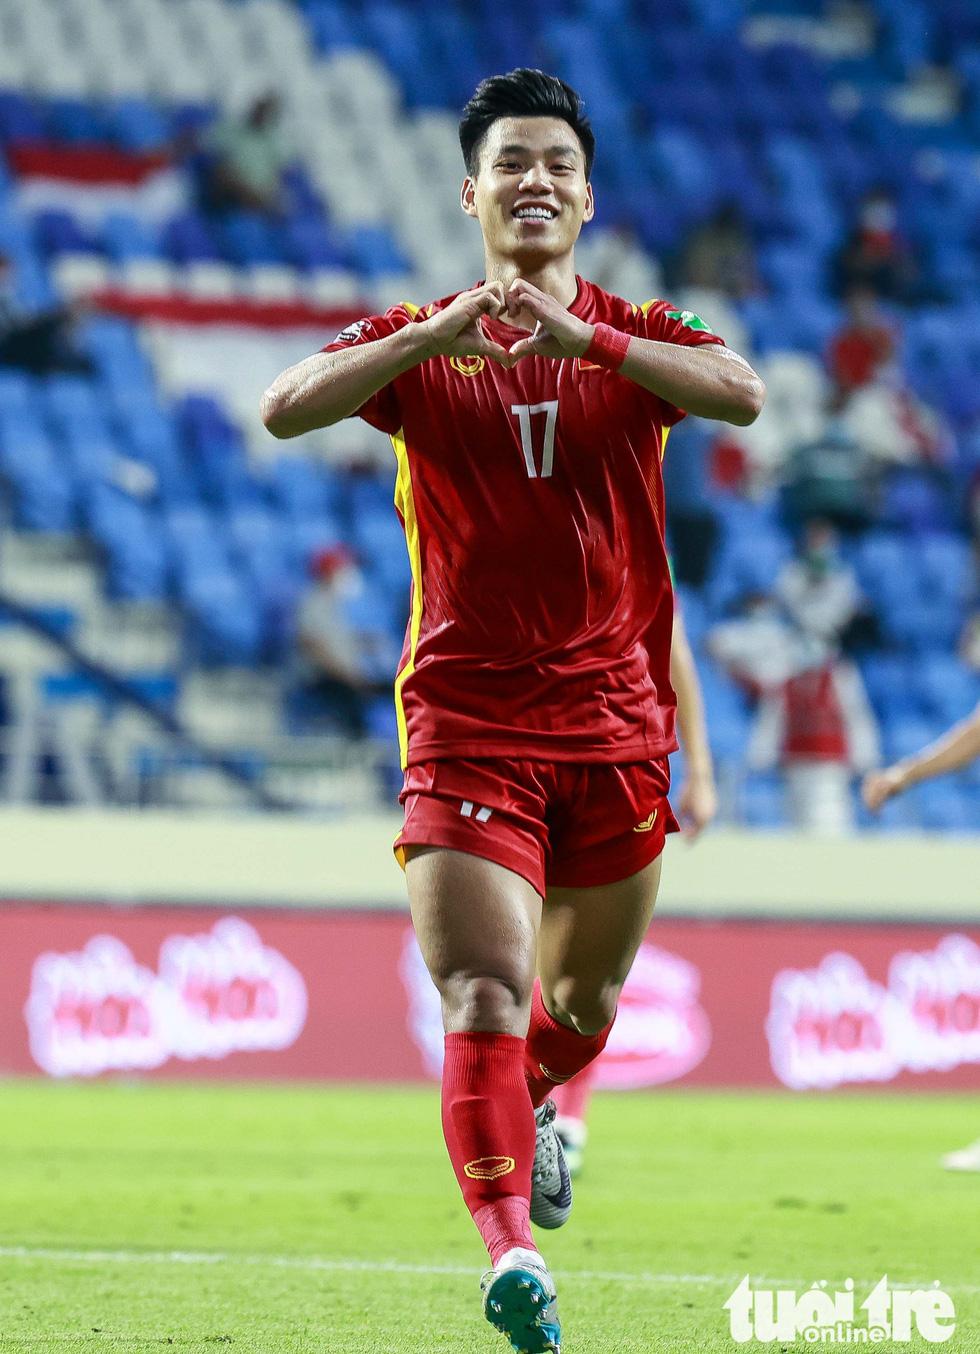 Hình ảnh khoảnh khắc quyết định trận đấu giữa Việt Nam và Indonesia - Ảnh 9.